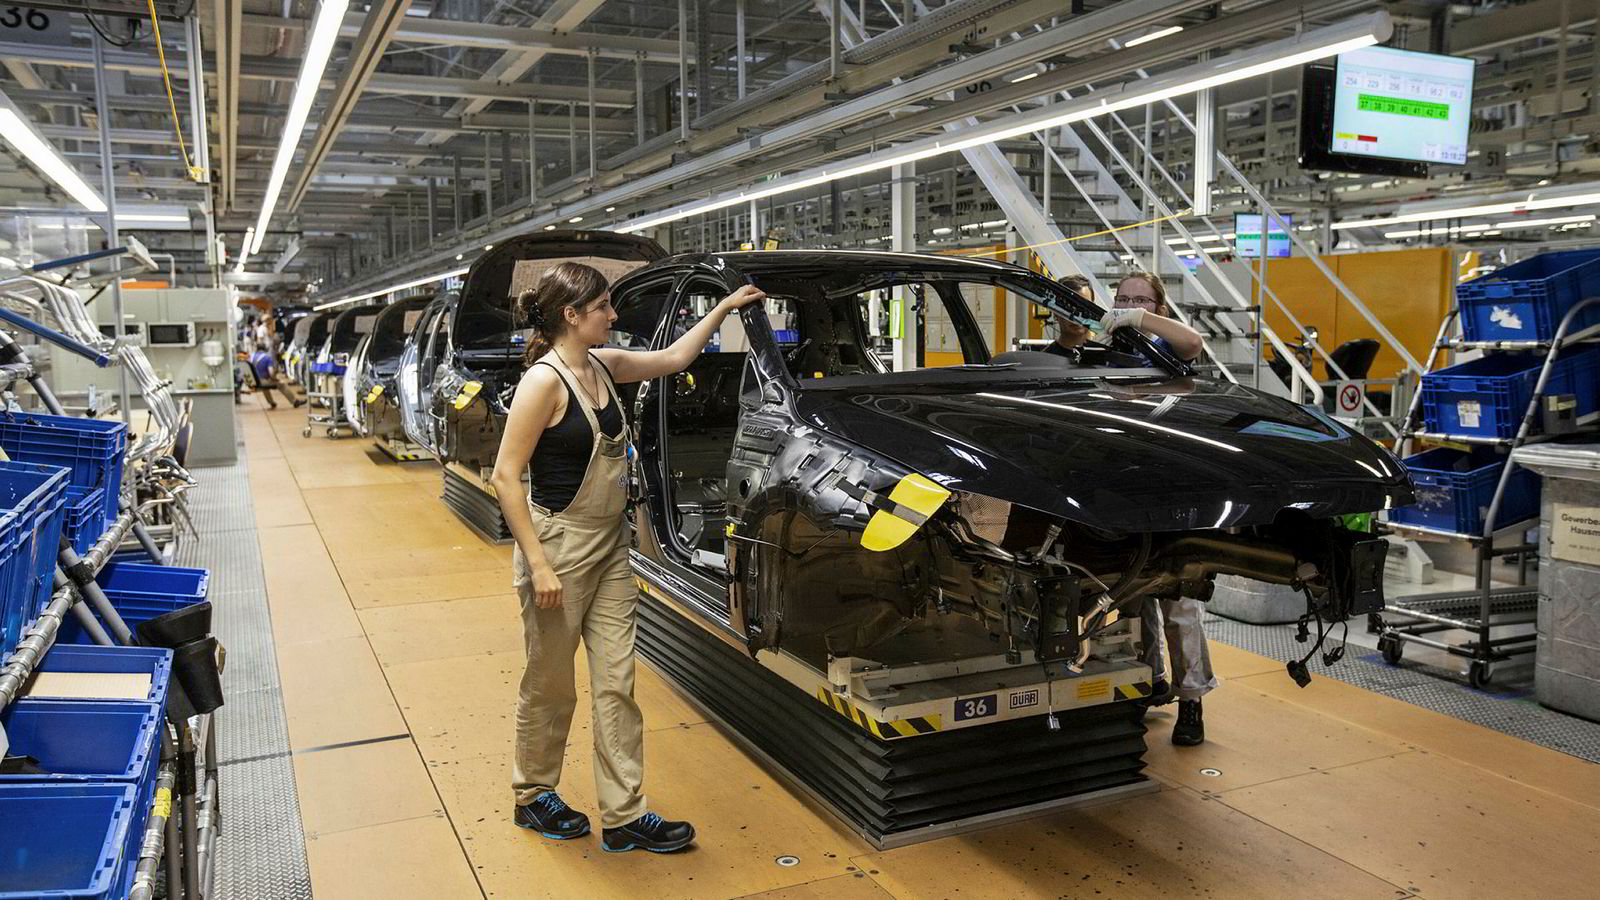 Nedturen for Tysklands bilindustri kan forklare nesten tre fjerdedeler av fallet. Den utgjør nesten fire prosent av tysk brutto nasjonalprodukt (bnp). Her fra Volkswagens bilproduksjonsanlegg i Zwickau, Tyskland.